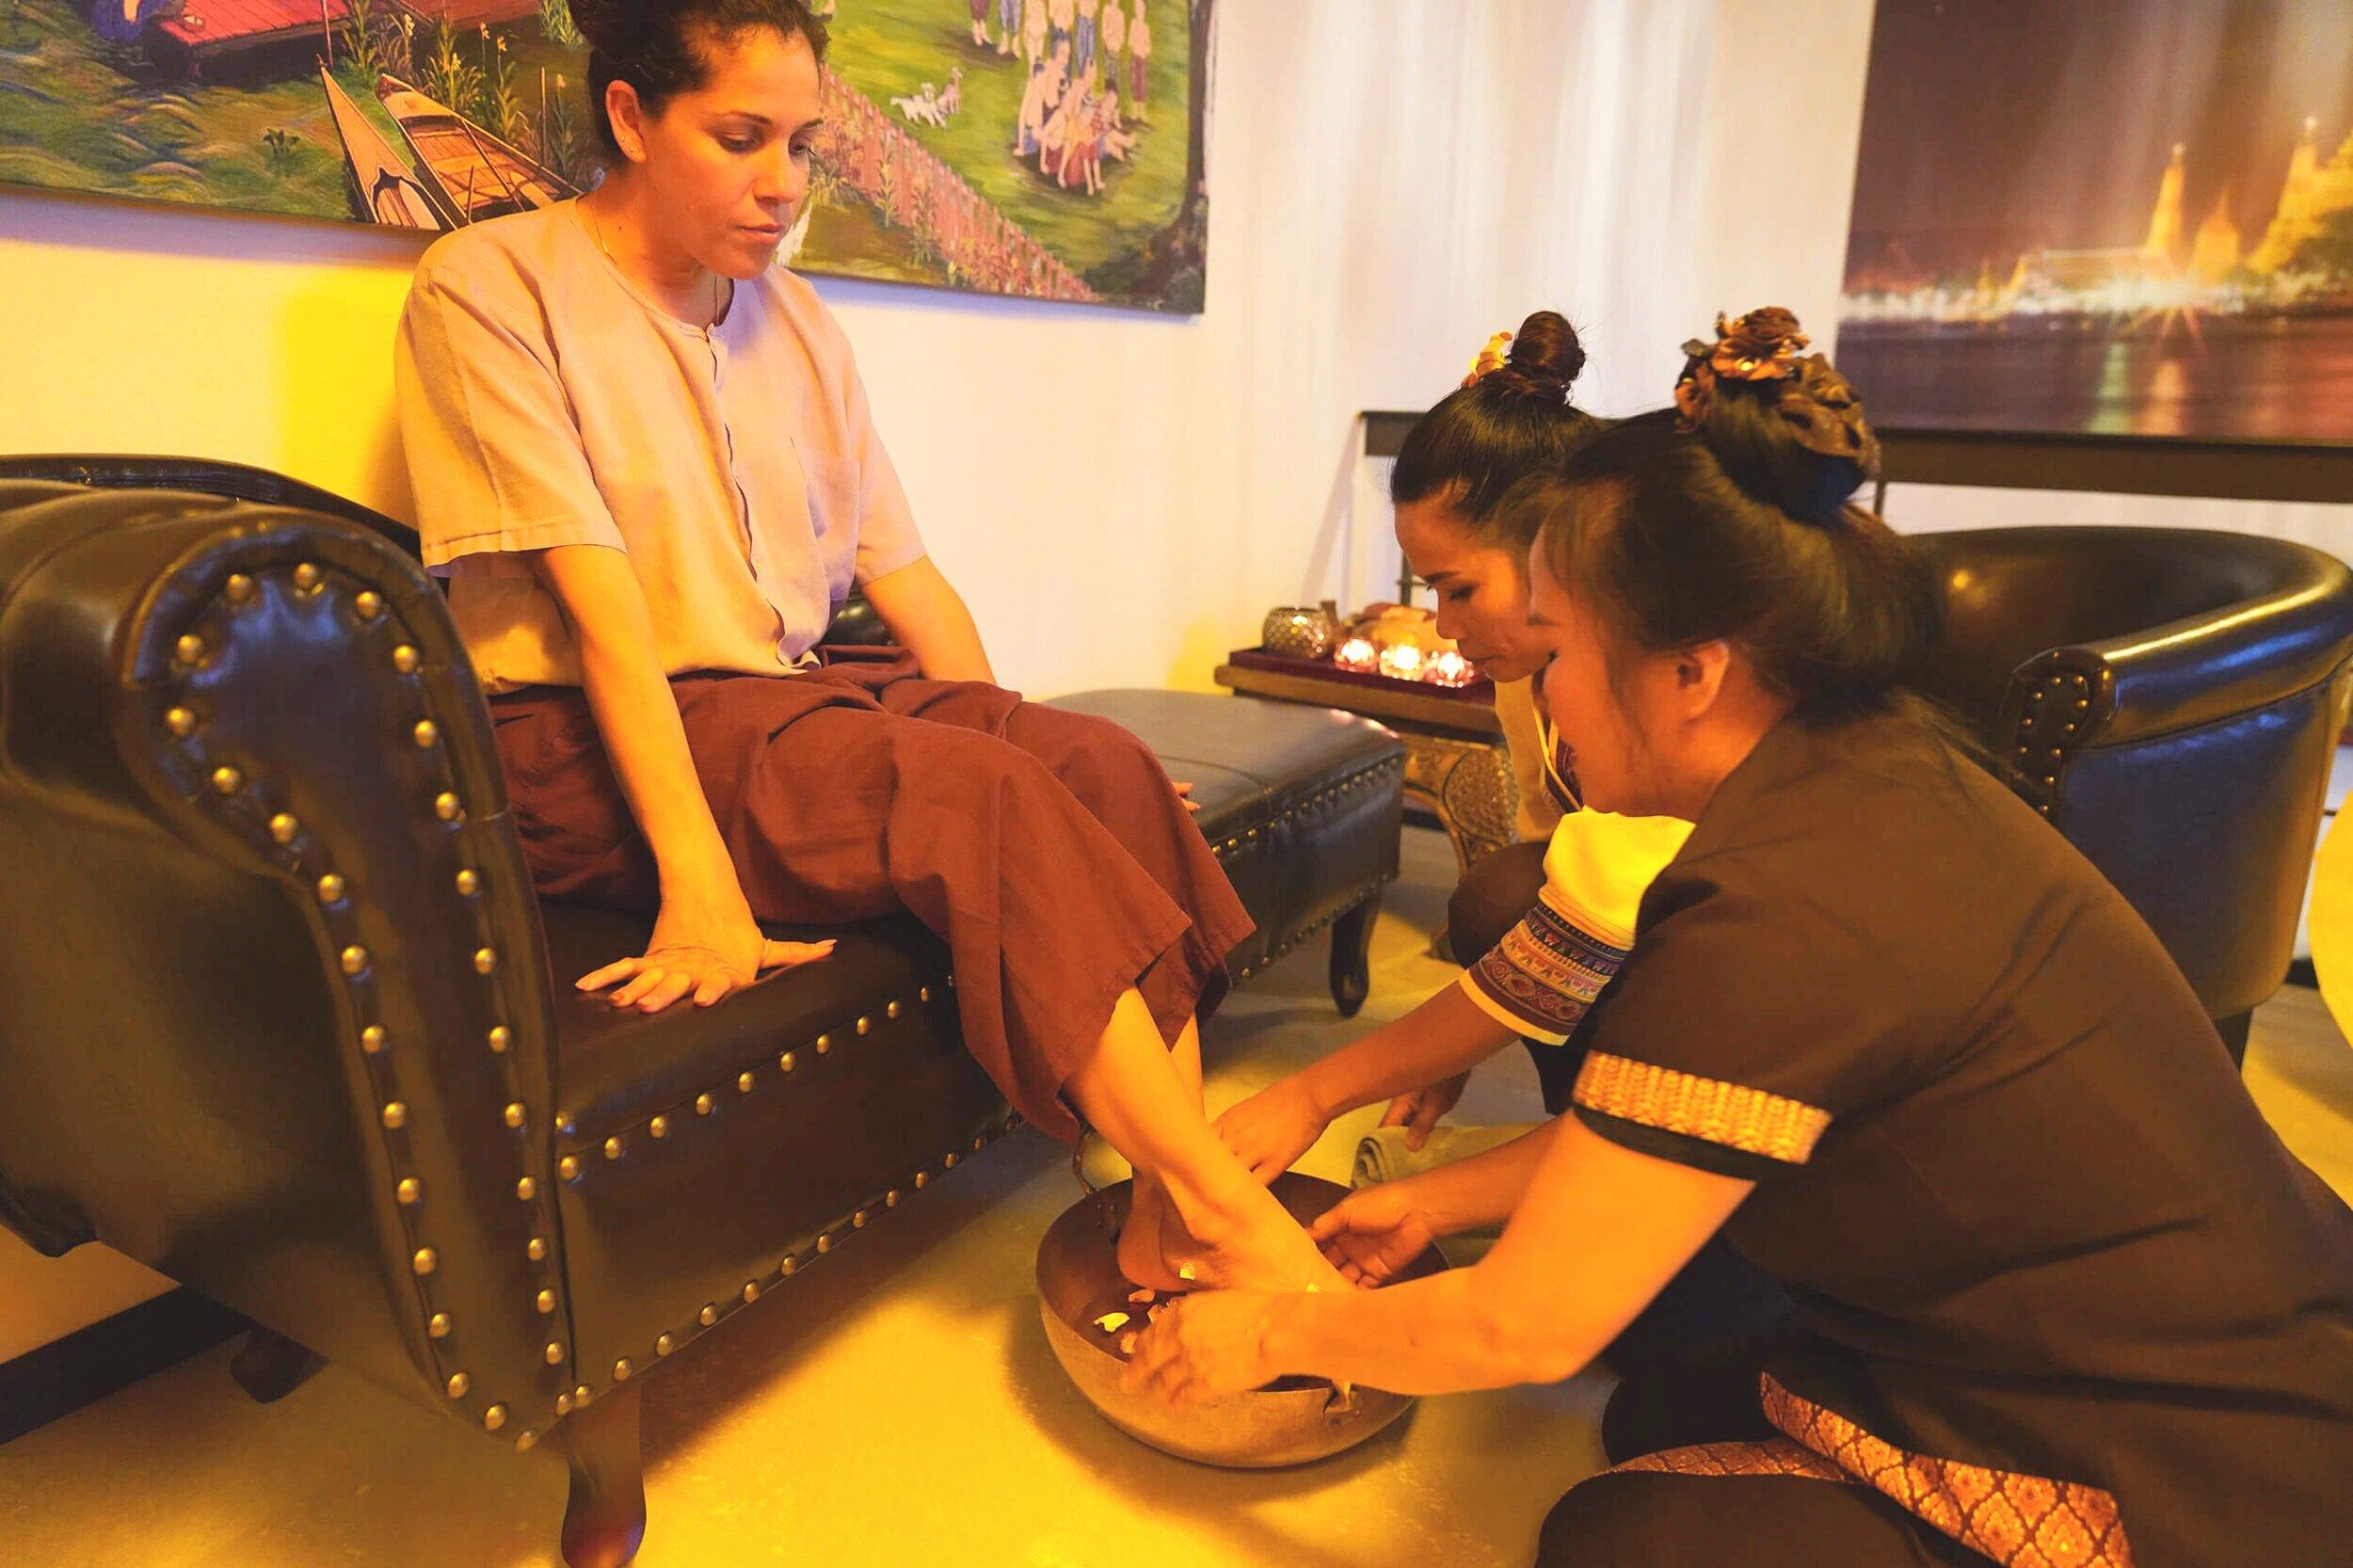 Reinigung - Als Einstieg werden Ihnen nach traditionellem Stil die Füsse gewaschen. Stimmen Sie sich auf entspannende und wohltuende Momente ein.